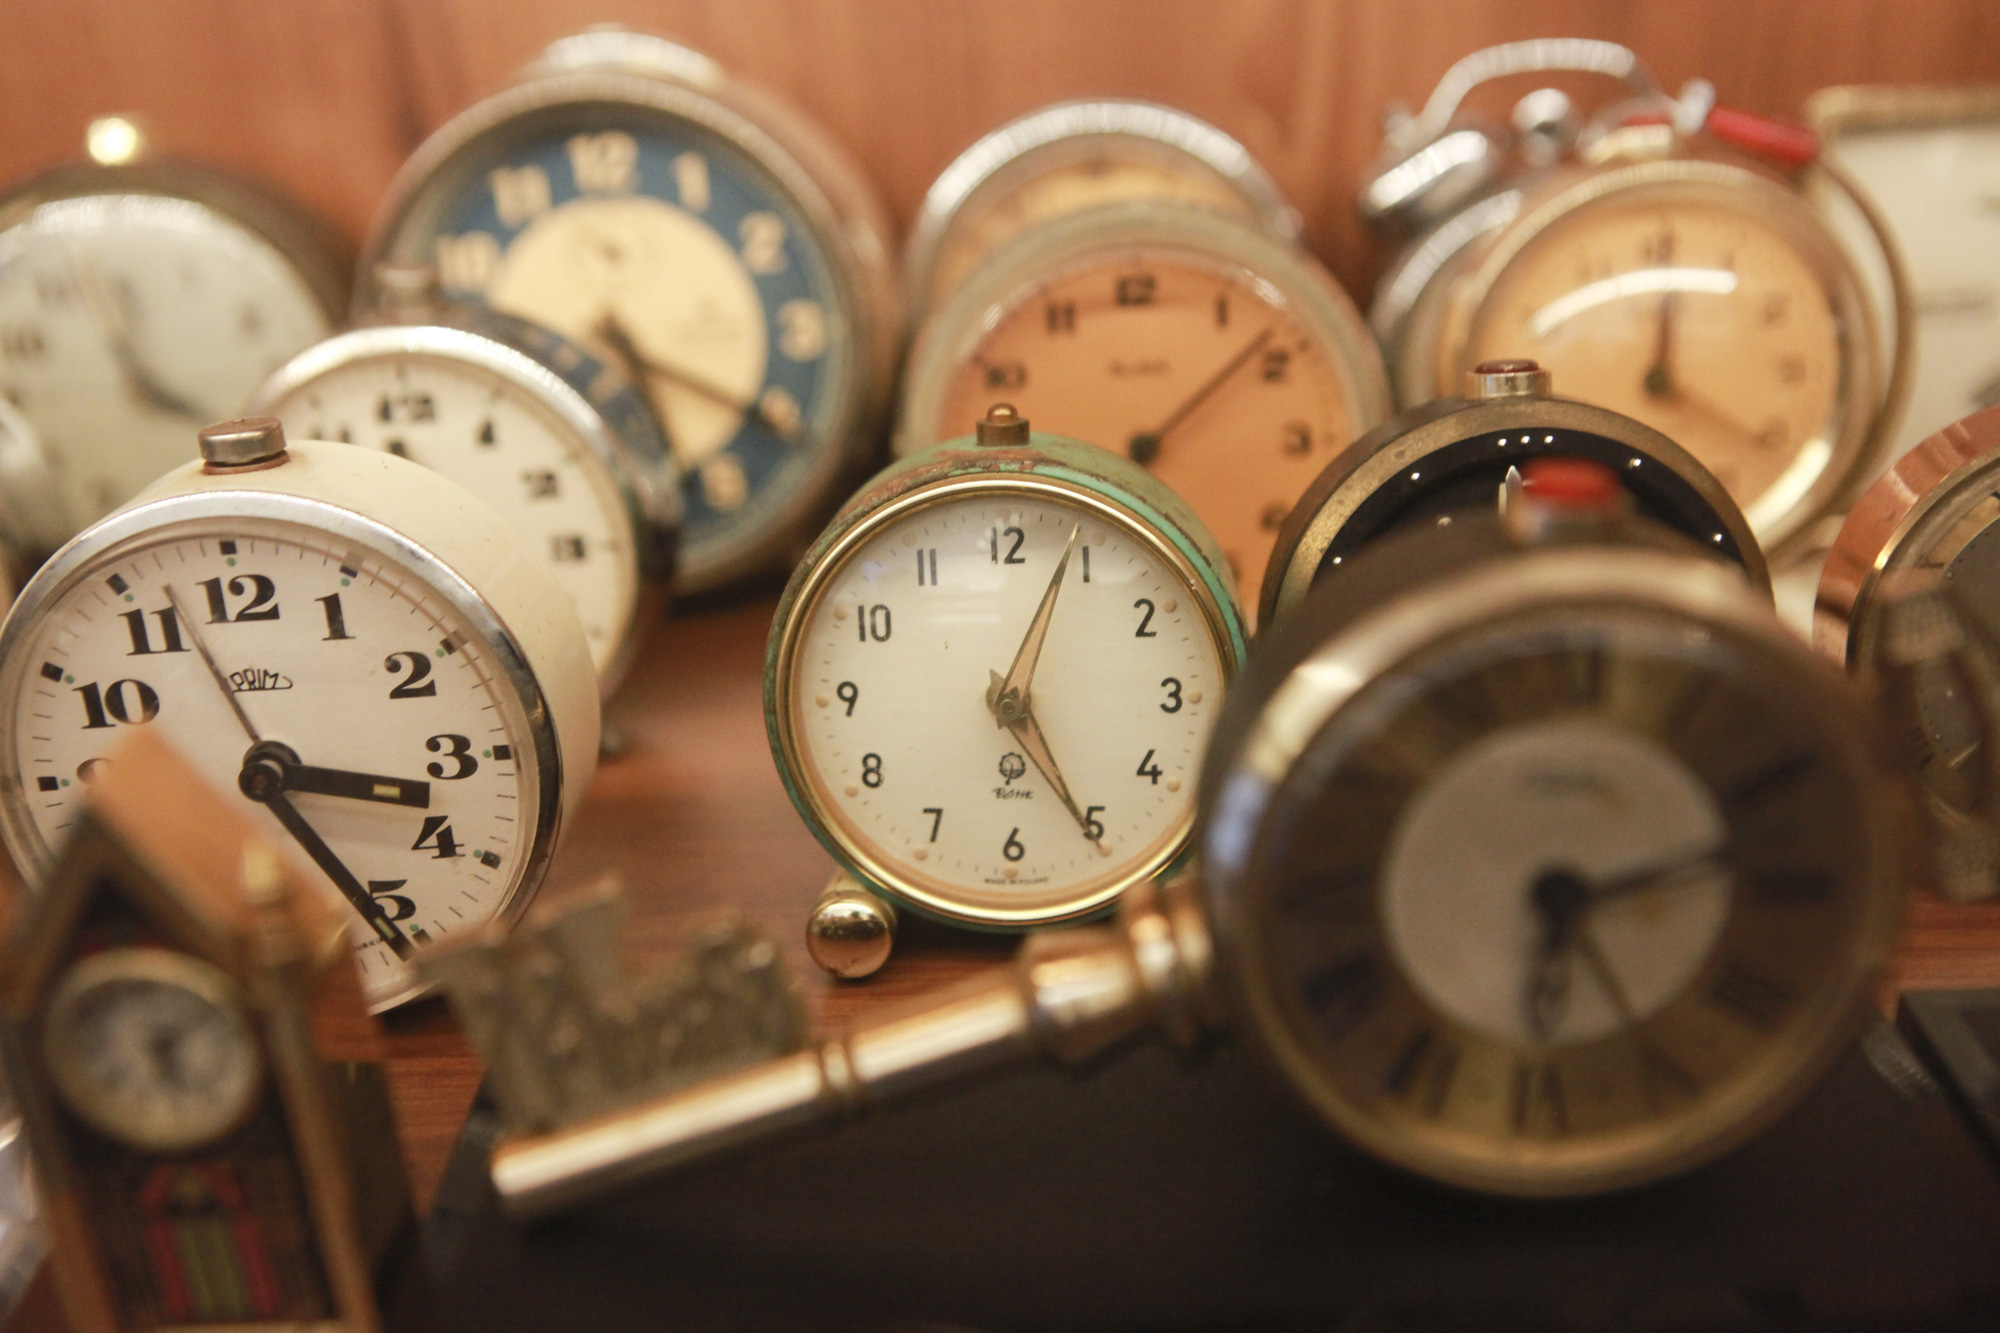 """Ông lão Hà thành và bộ sưu tập đồng hồ """"cực khủng"""", đặc biệt có chiếc có khả năng dự báo... """"bão"""" - Ảnh 6."""